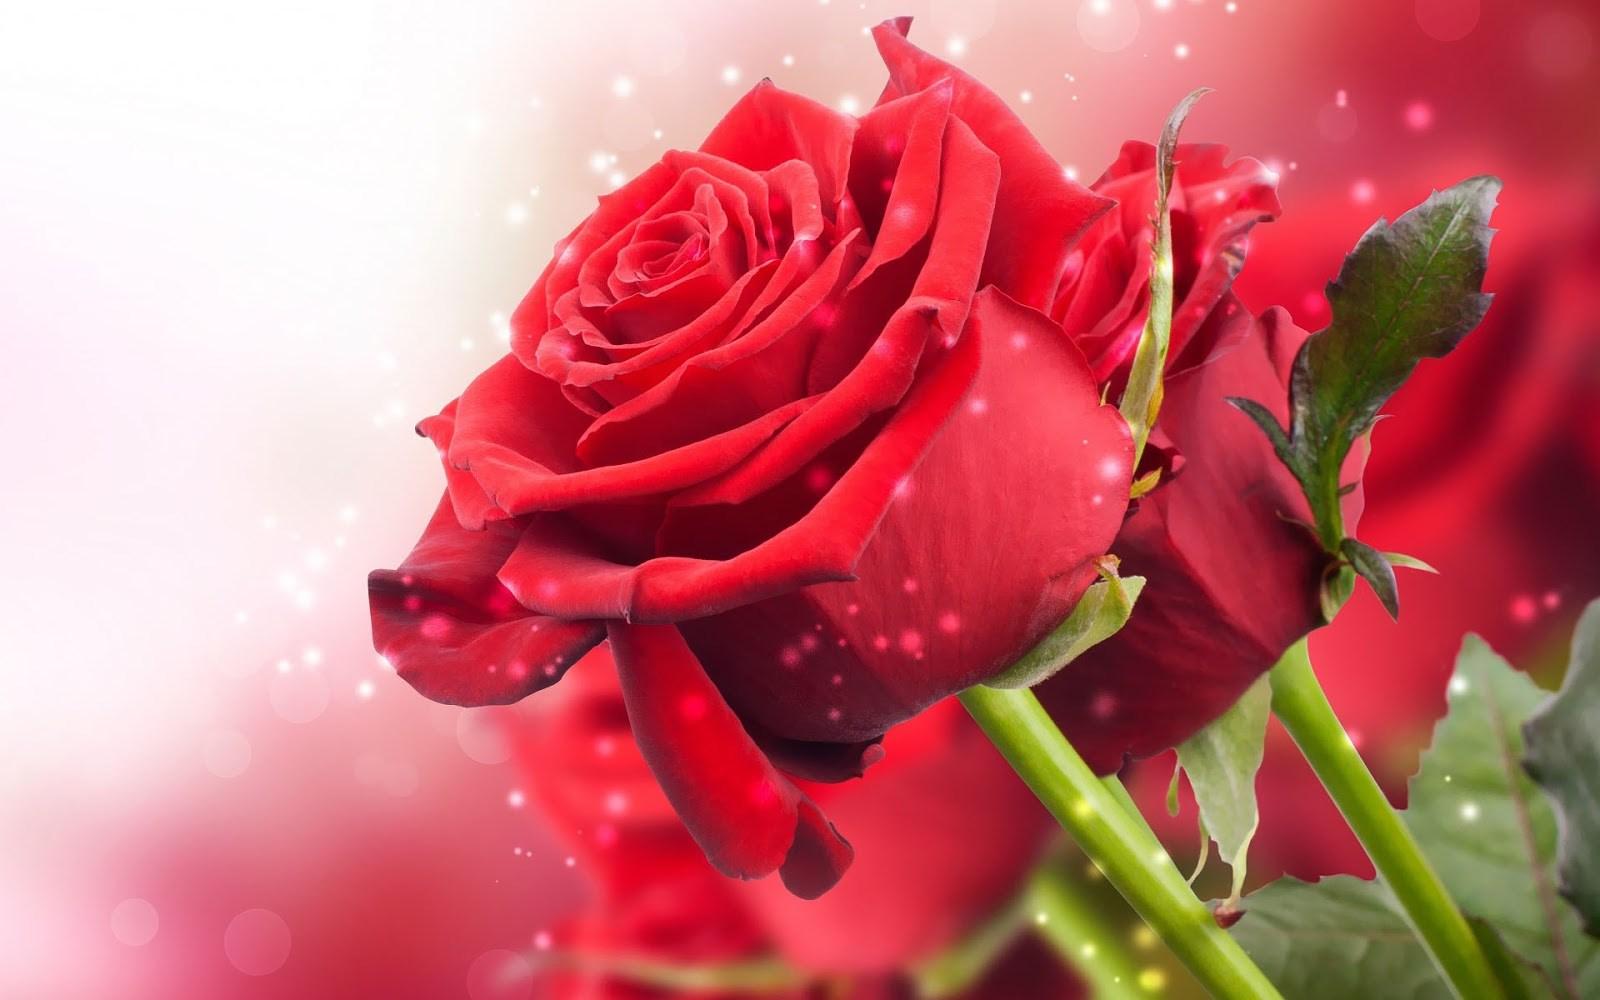 Rozen - Bloemen - Rozensoorten - Rozenkwekerij - Boeket op maat -  Rozenautomaat - assortiment rozen